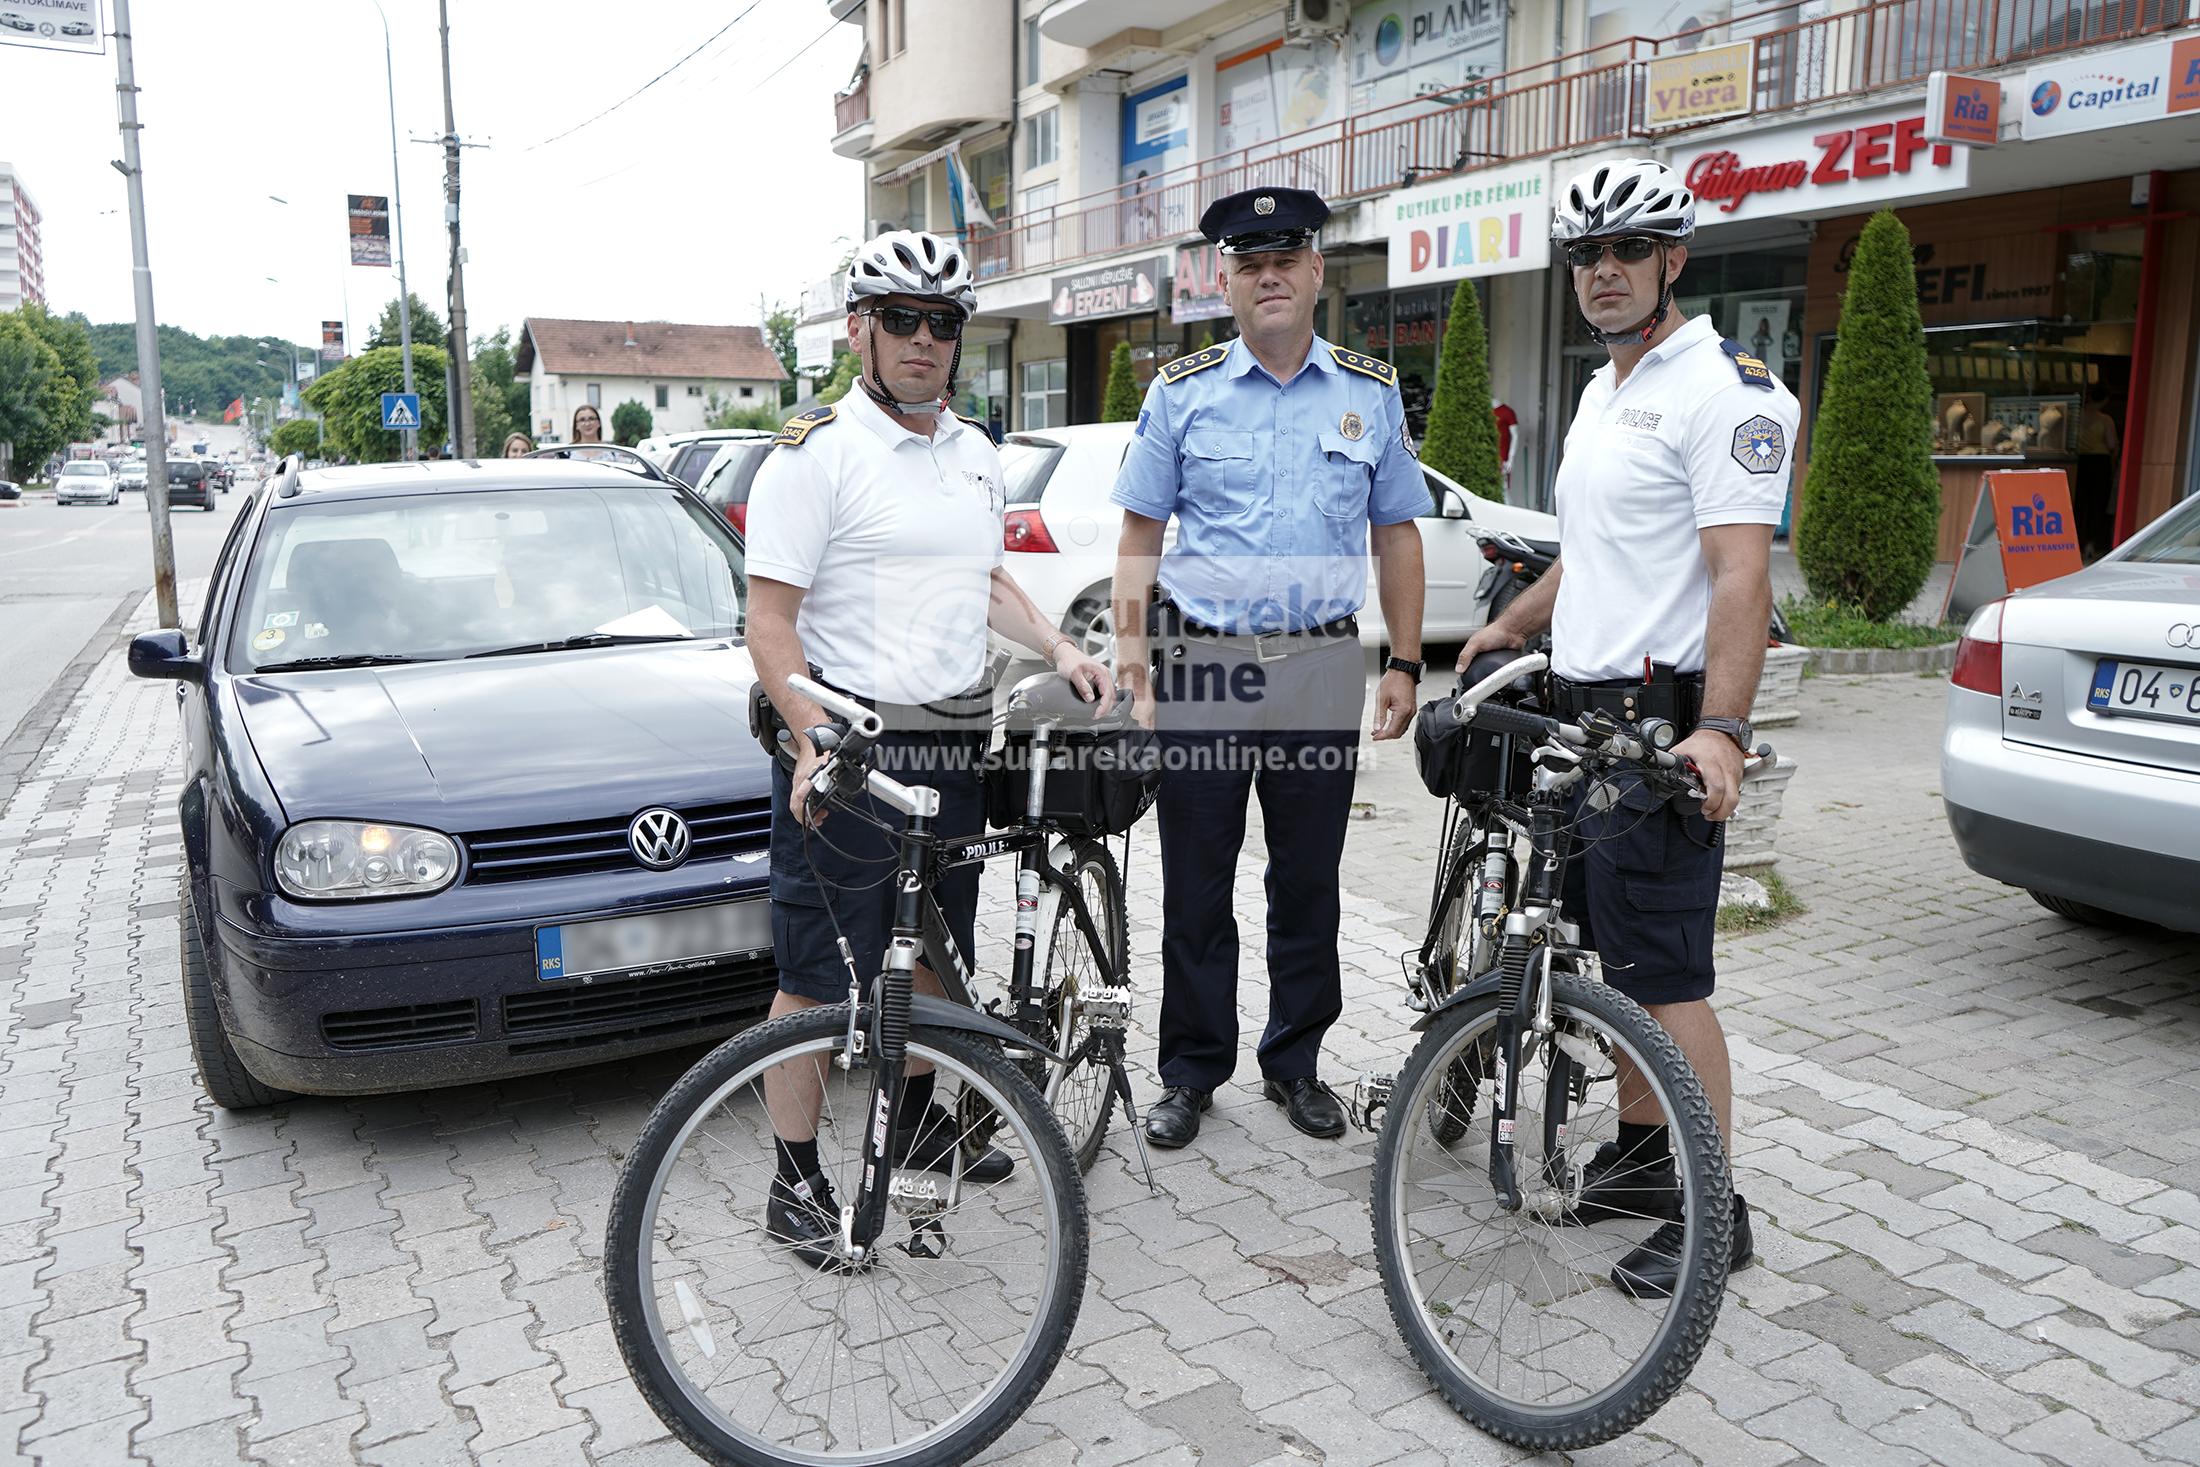 20 vjet me Policinë e Kosovës